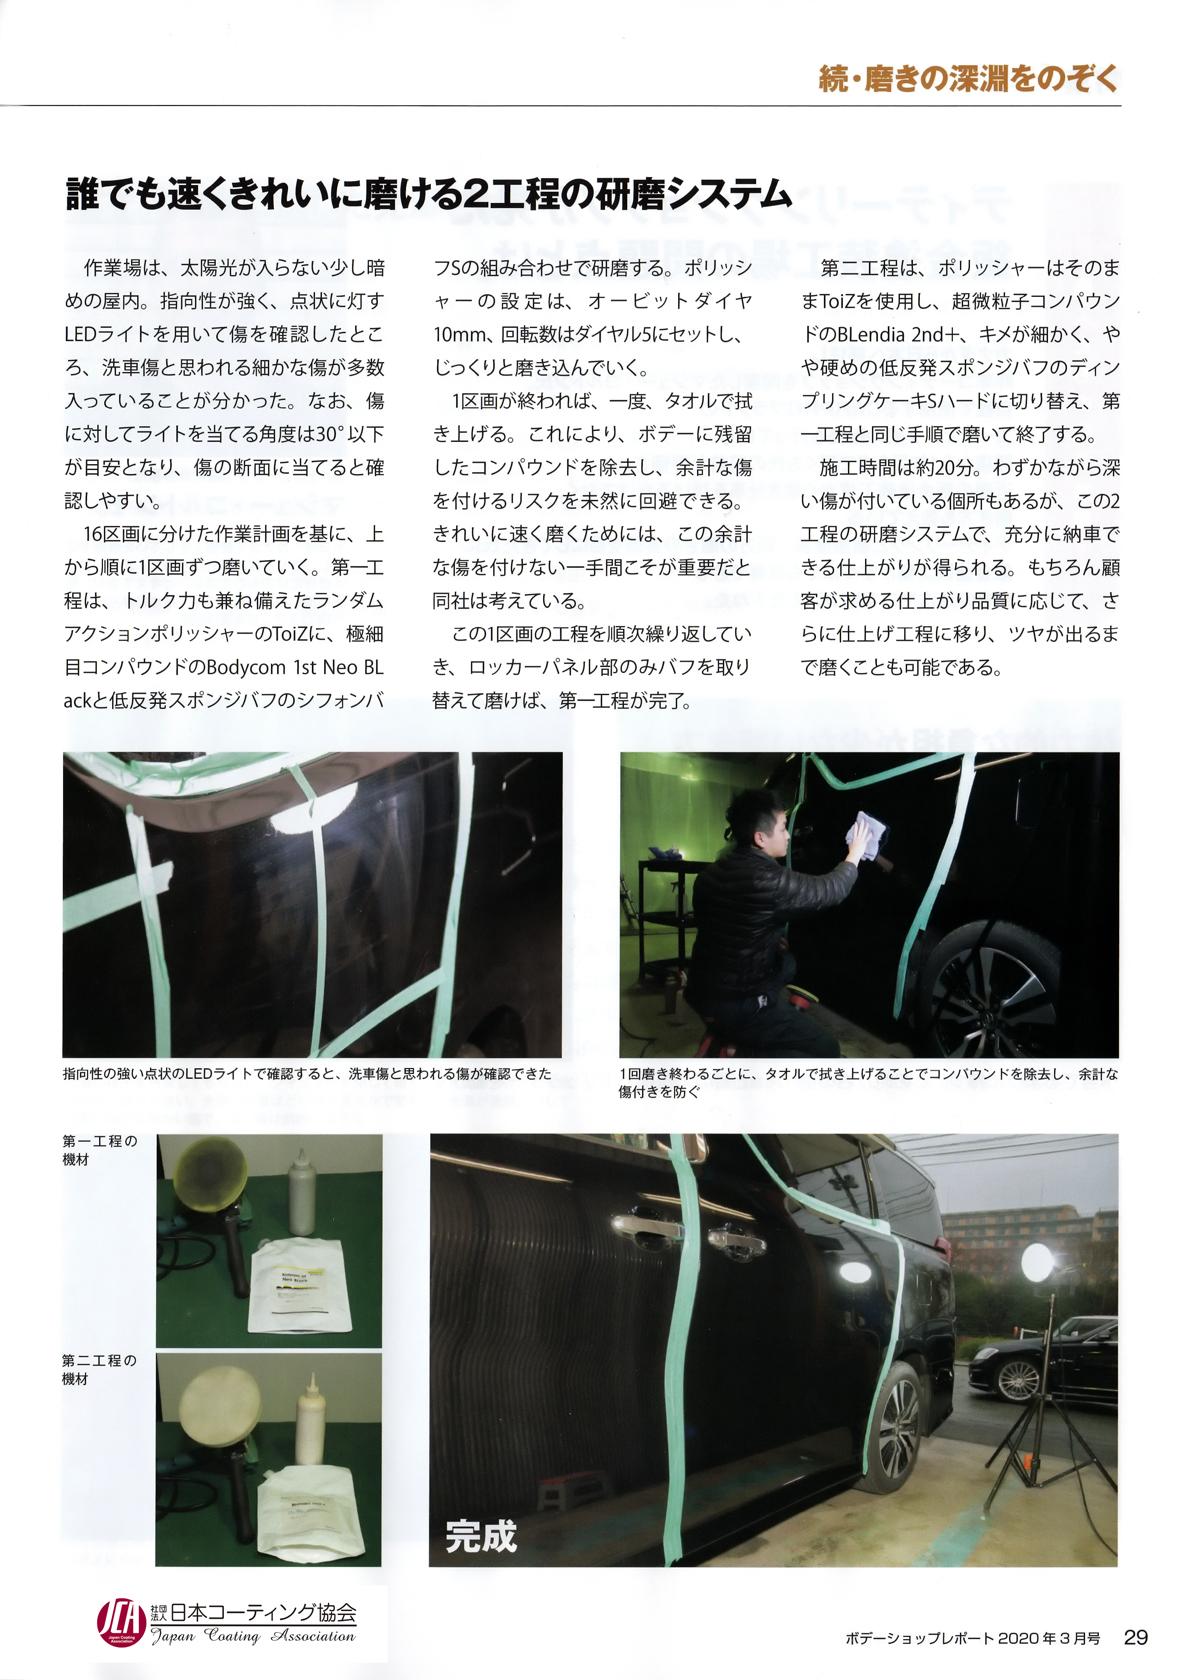 ボディーショップレポート(BSR)3月号の特集 続・磨きの深淵をのぞく JCA会員のカーコーティング専門店 エコスタイル熊本が取材を受けさせて頂きました。